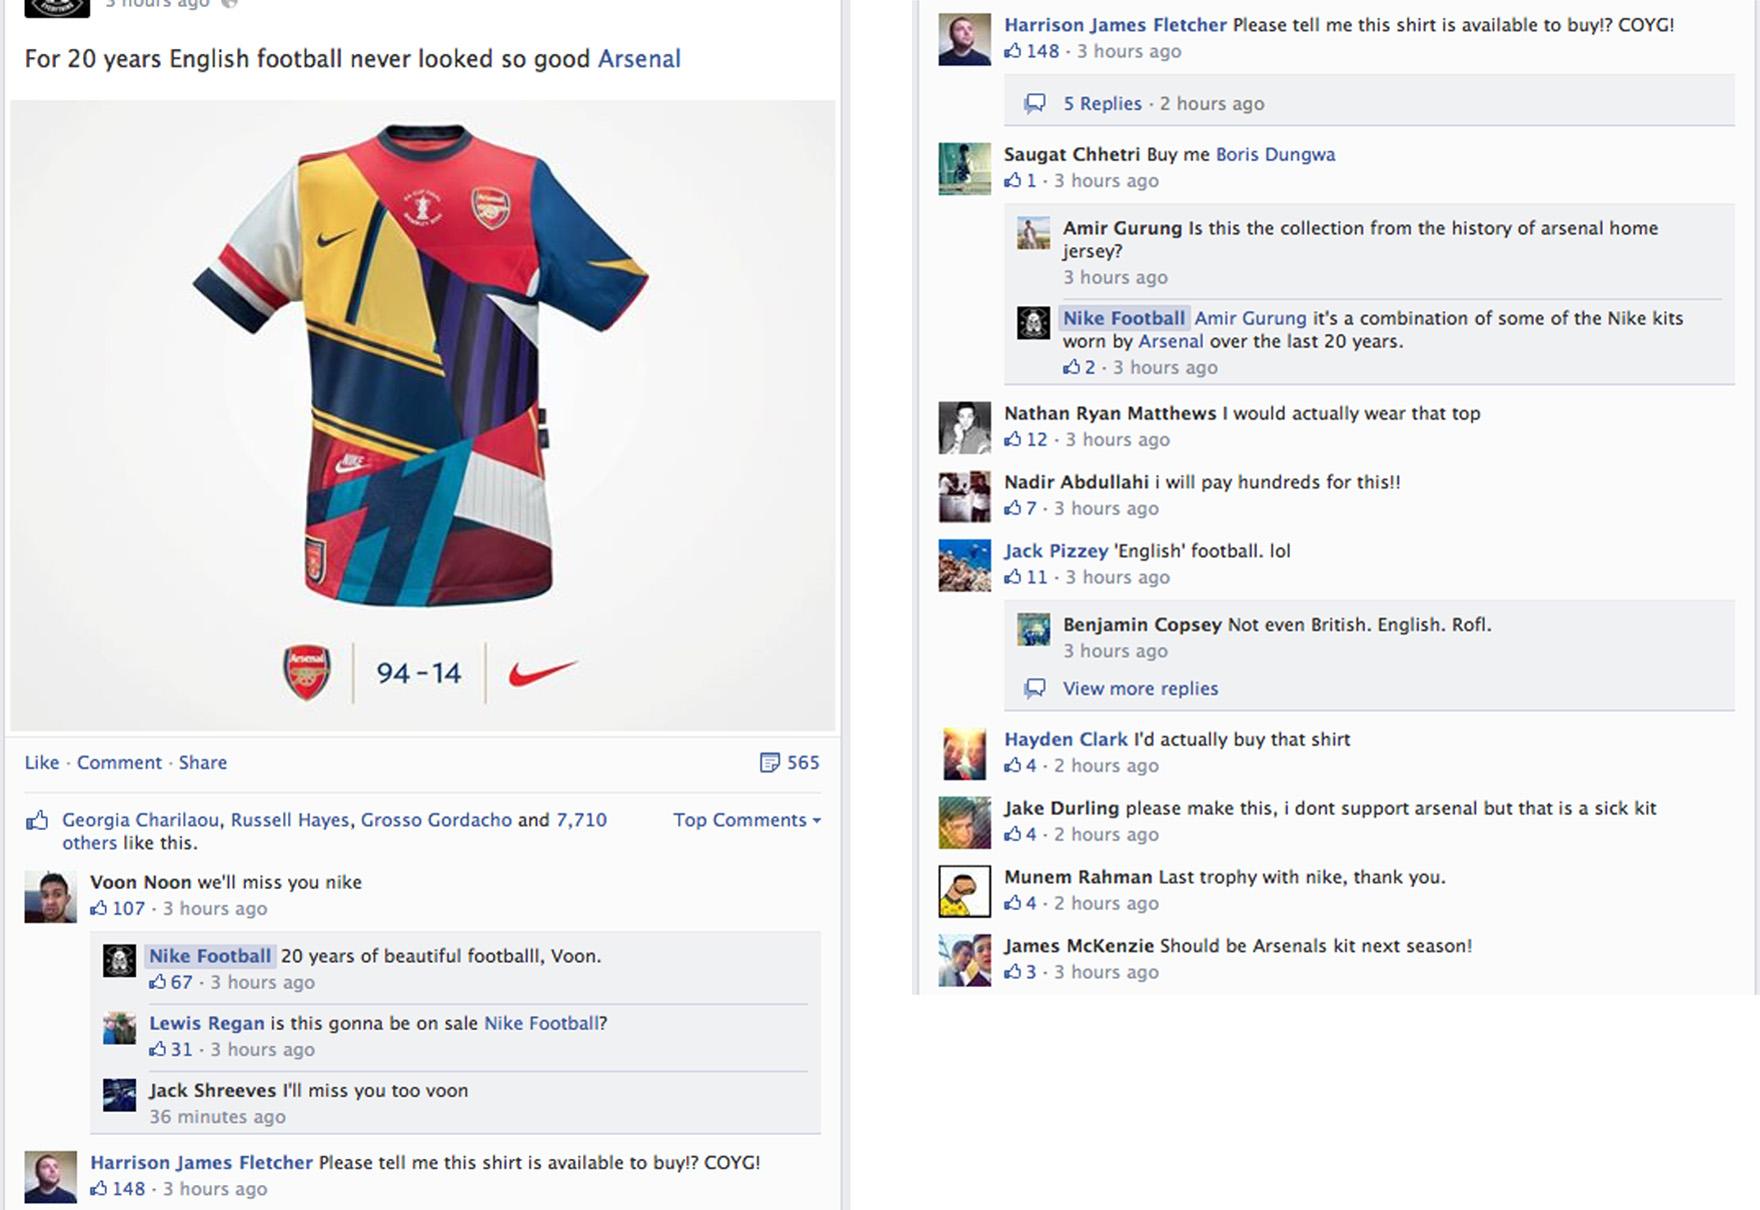 Nike | Arsenal / Nike Legacy